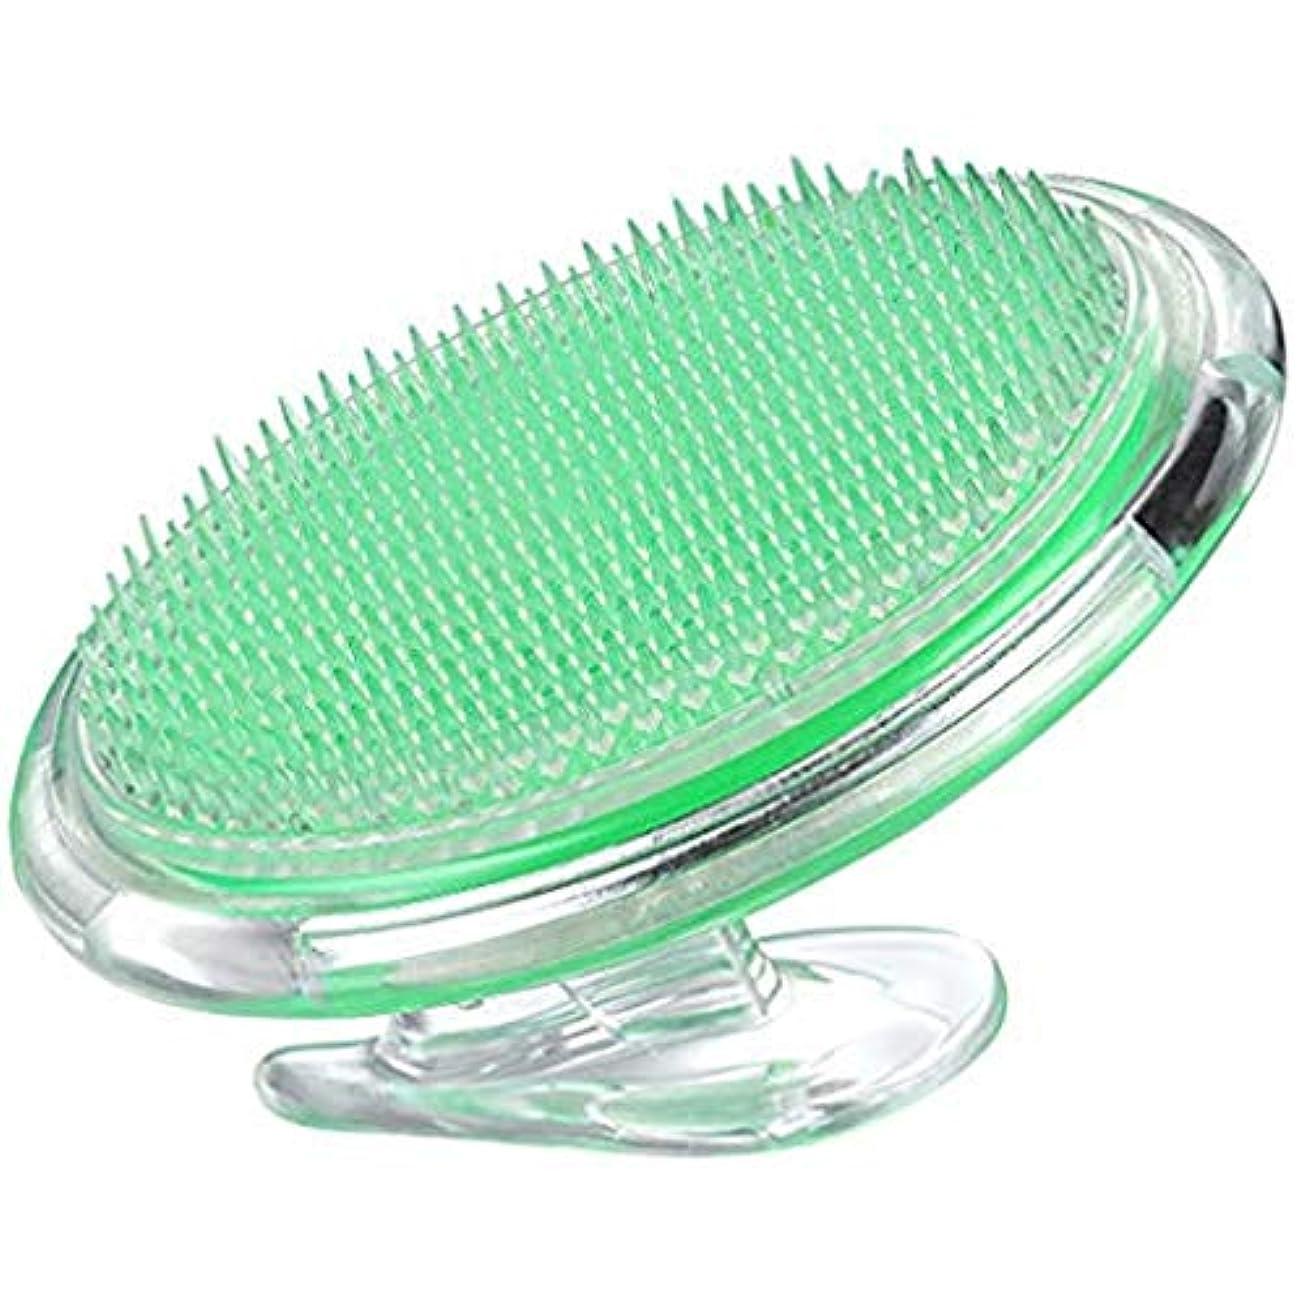 分数一般的に言えばうそつきかみそりの隆起や内毛を治療し、予防するための角質除去ブラシボディブラシ - 顔、脇の下、脚、首、ビキニラインのための剃毛刺激を排除する - 女性と男性のための絹のような滑らかな肌ソリューション (グリーン)